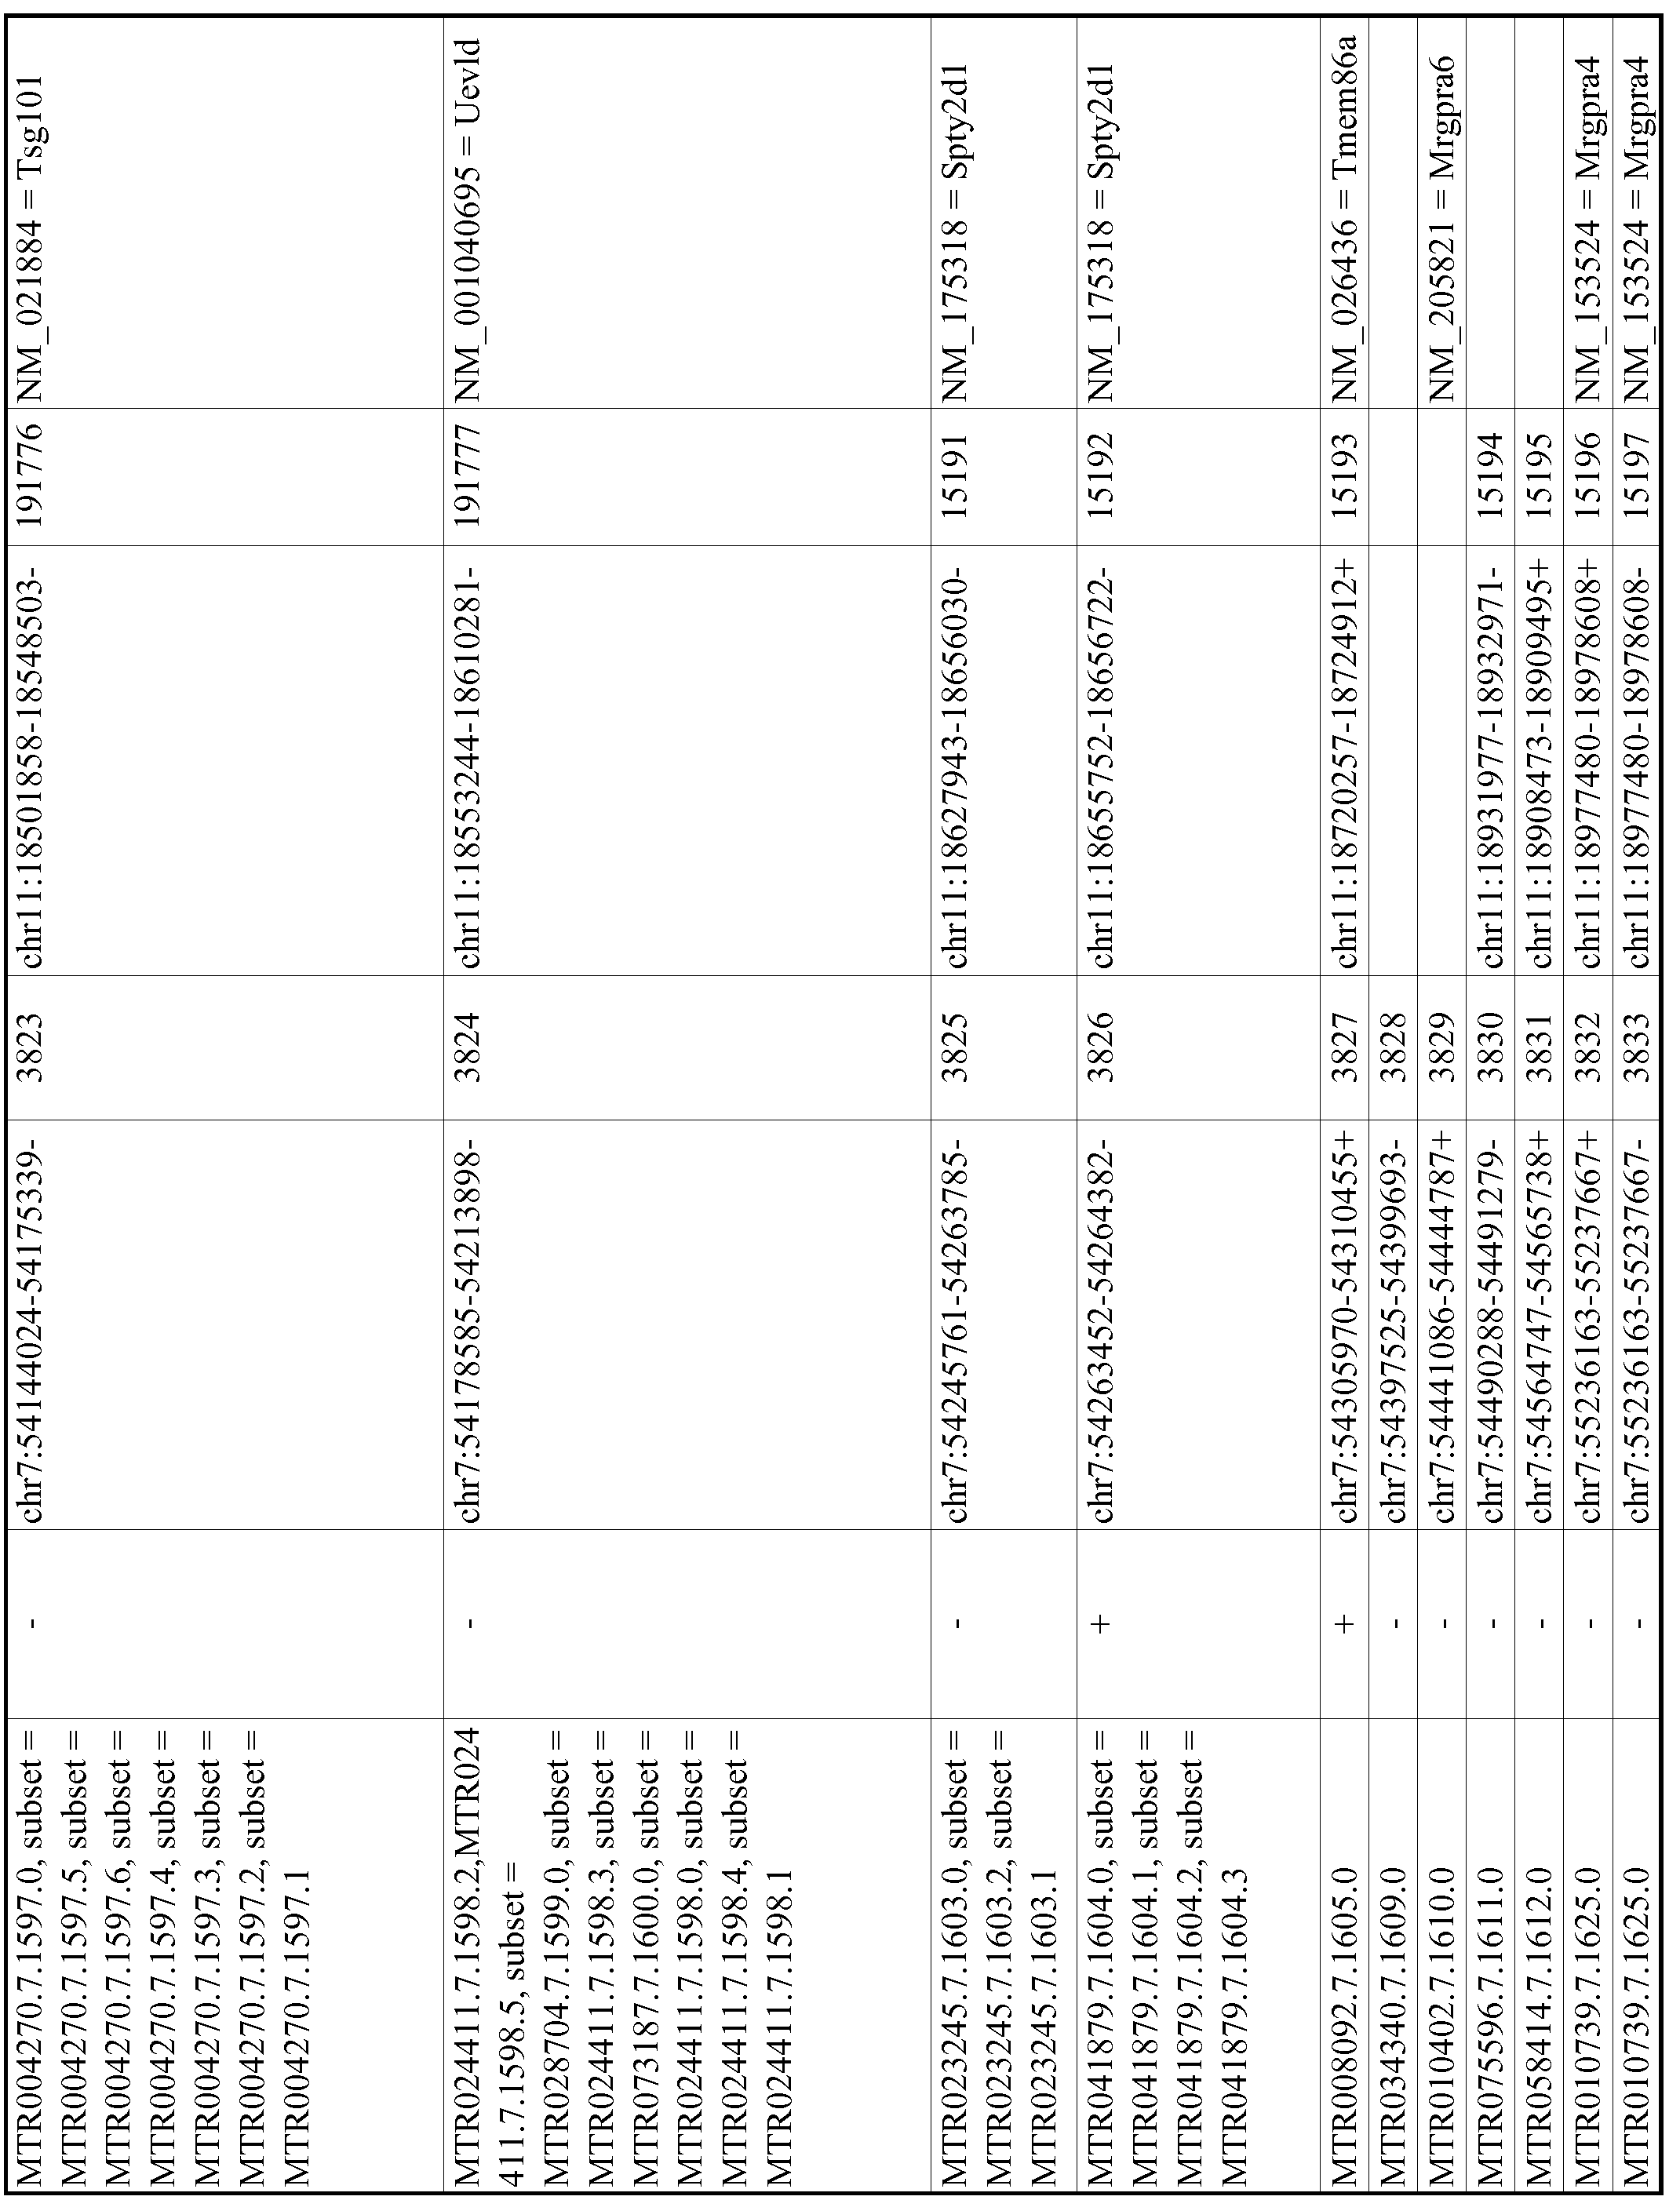 Figure imgf000736_0001